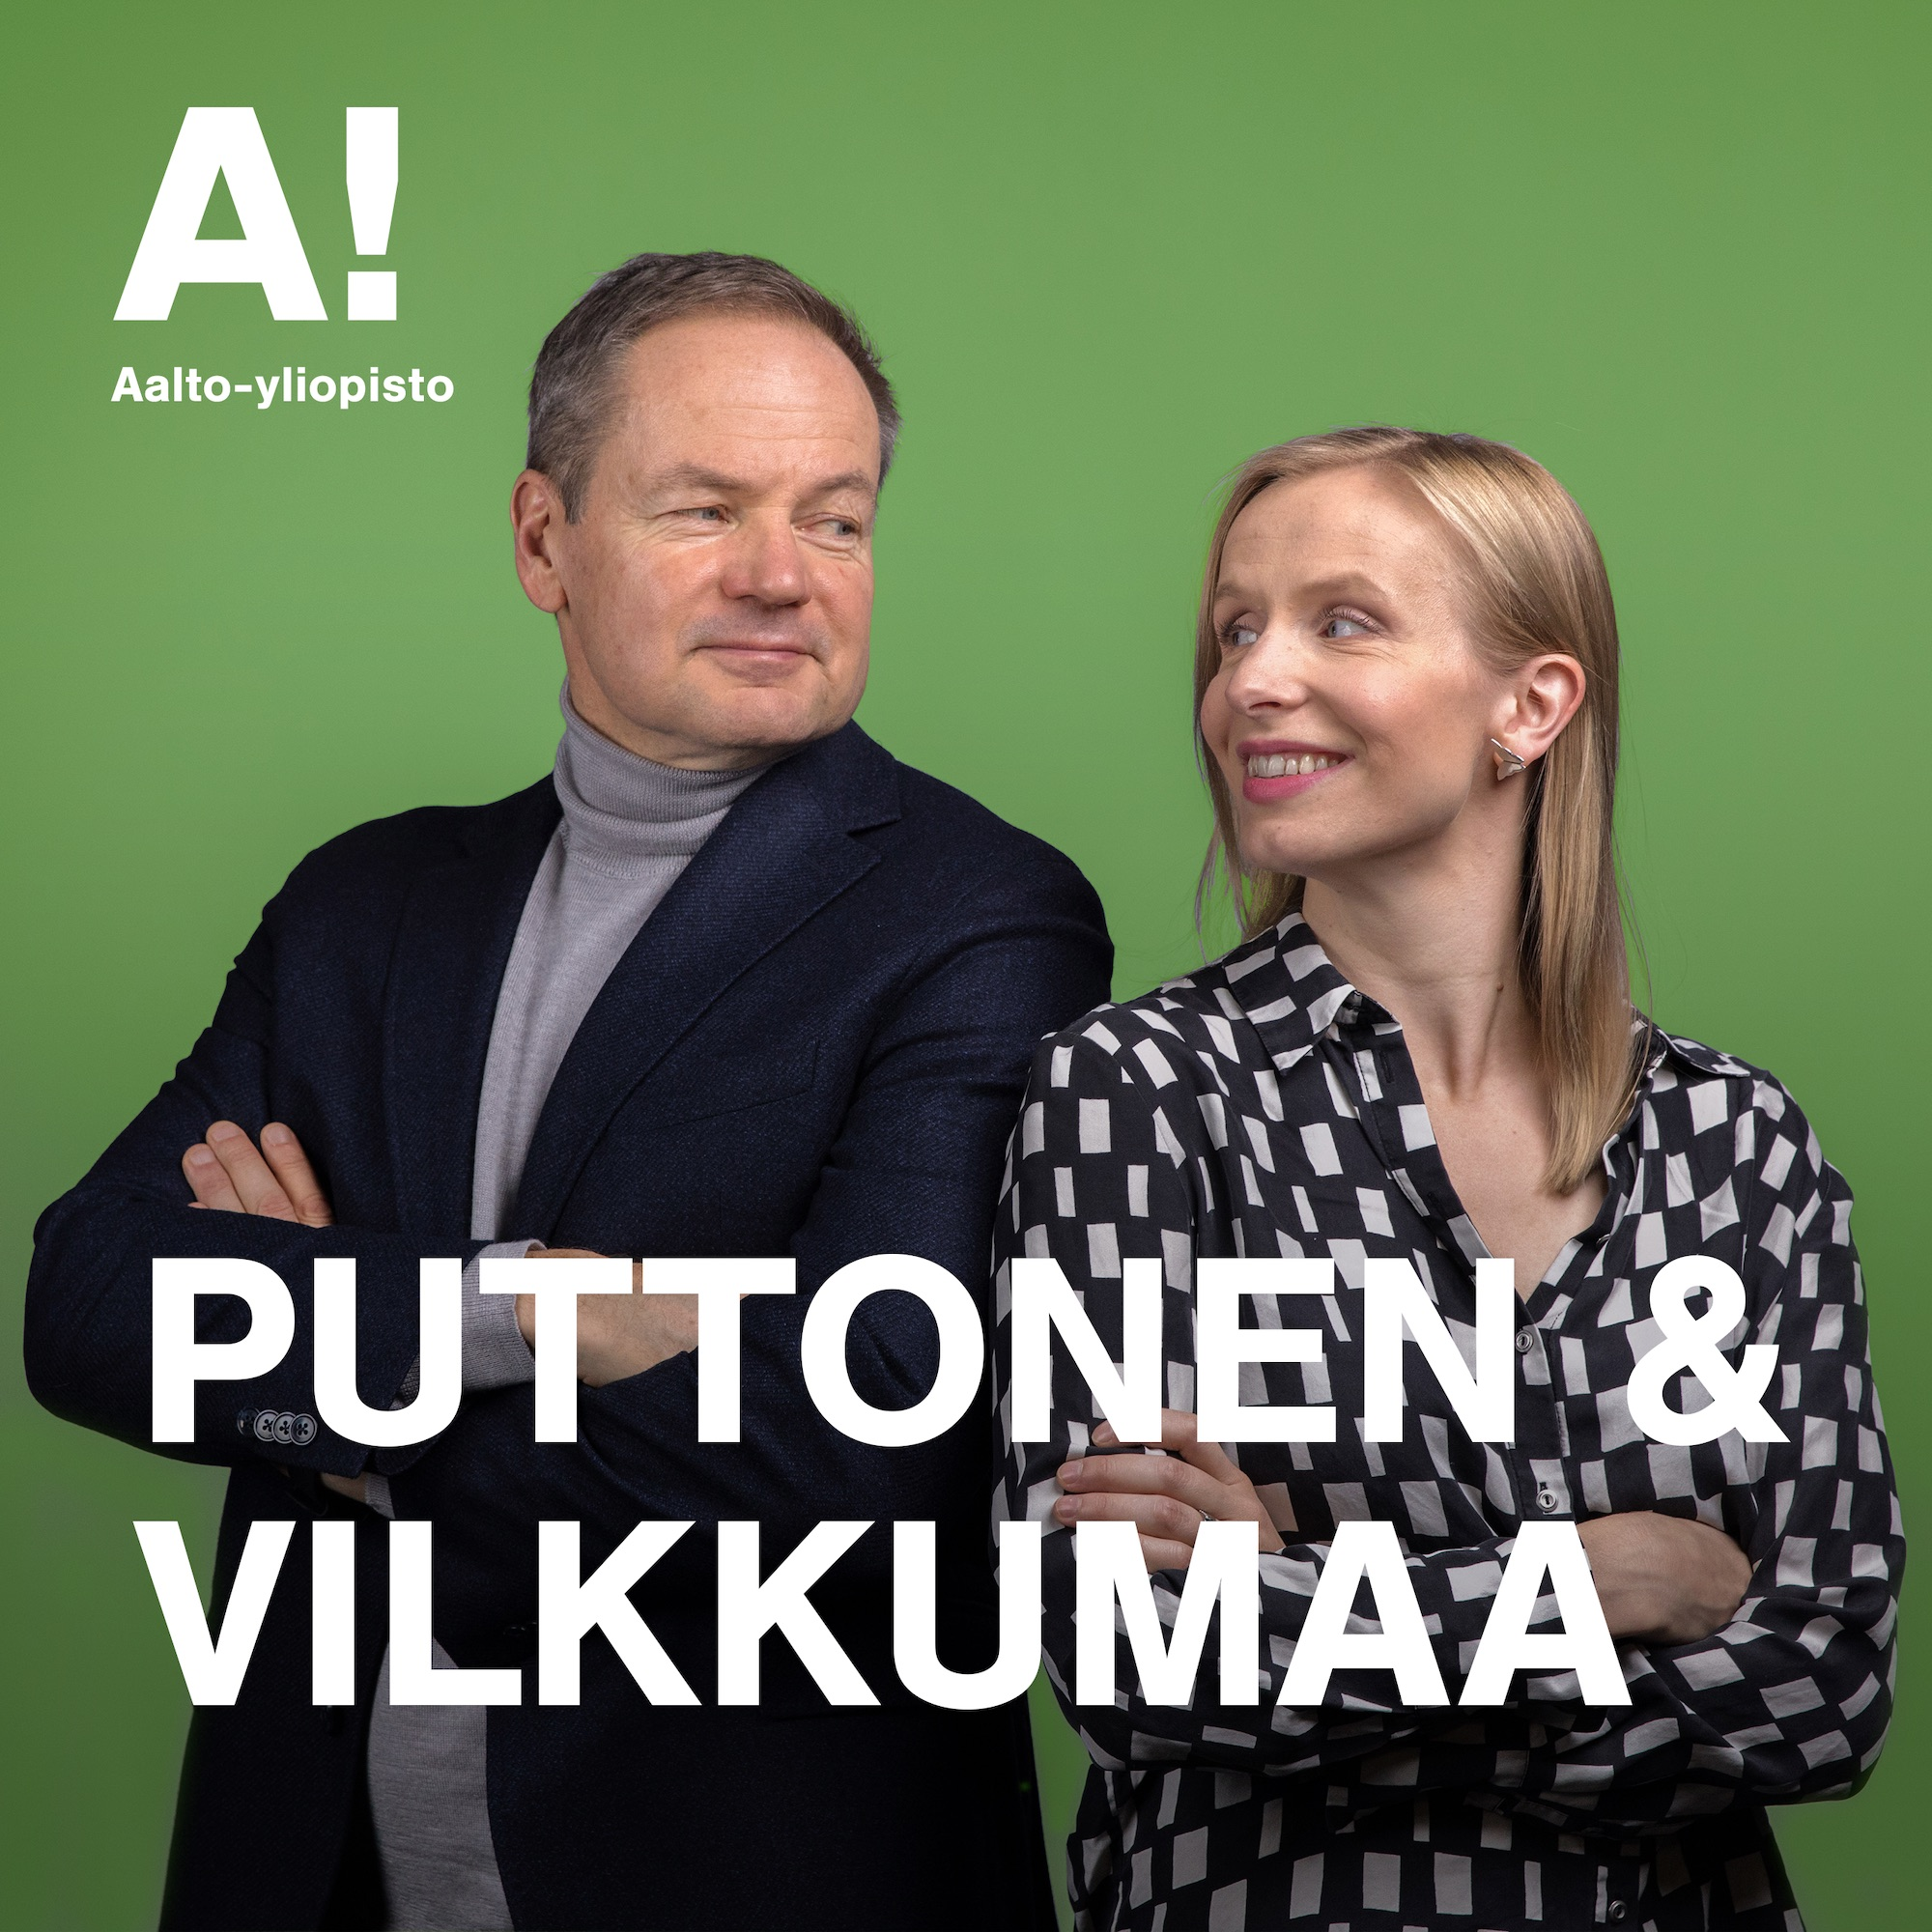 Puttonen & Vilkkumaa